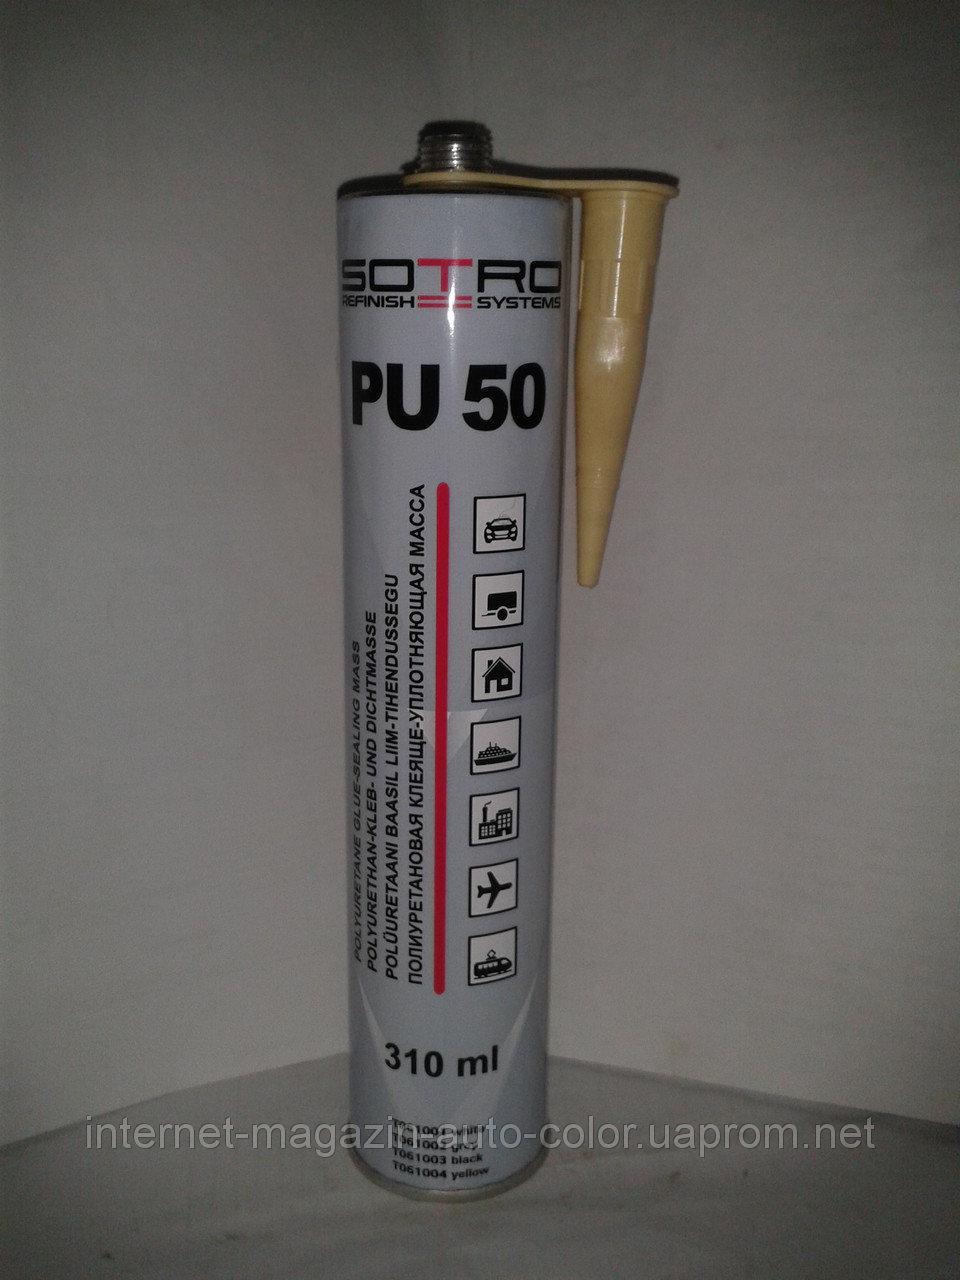 SOTRO PU-50 Полиуретановая клеяще-уплотняющая масса, 310 мл, бежевый